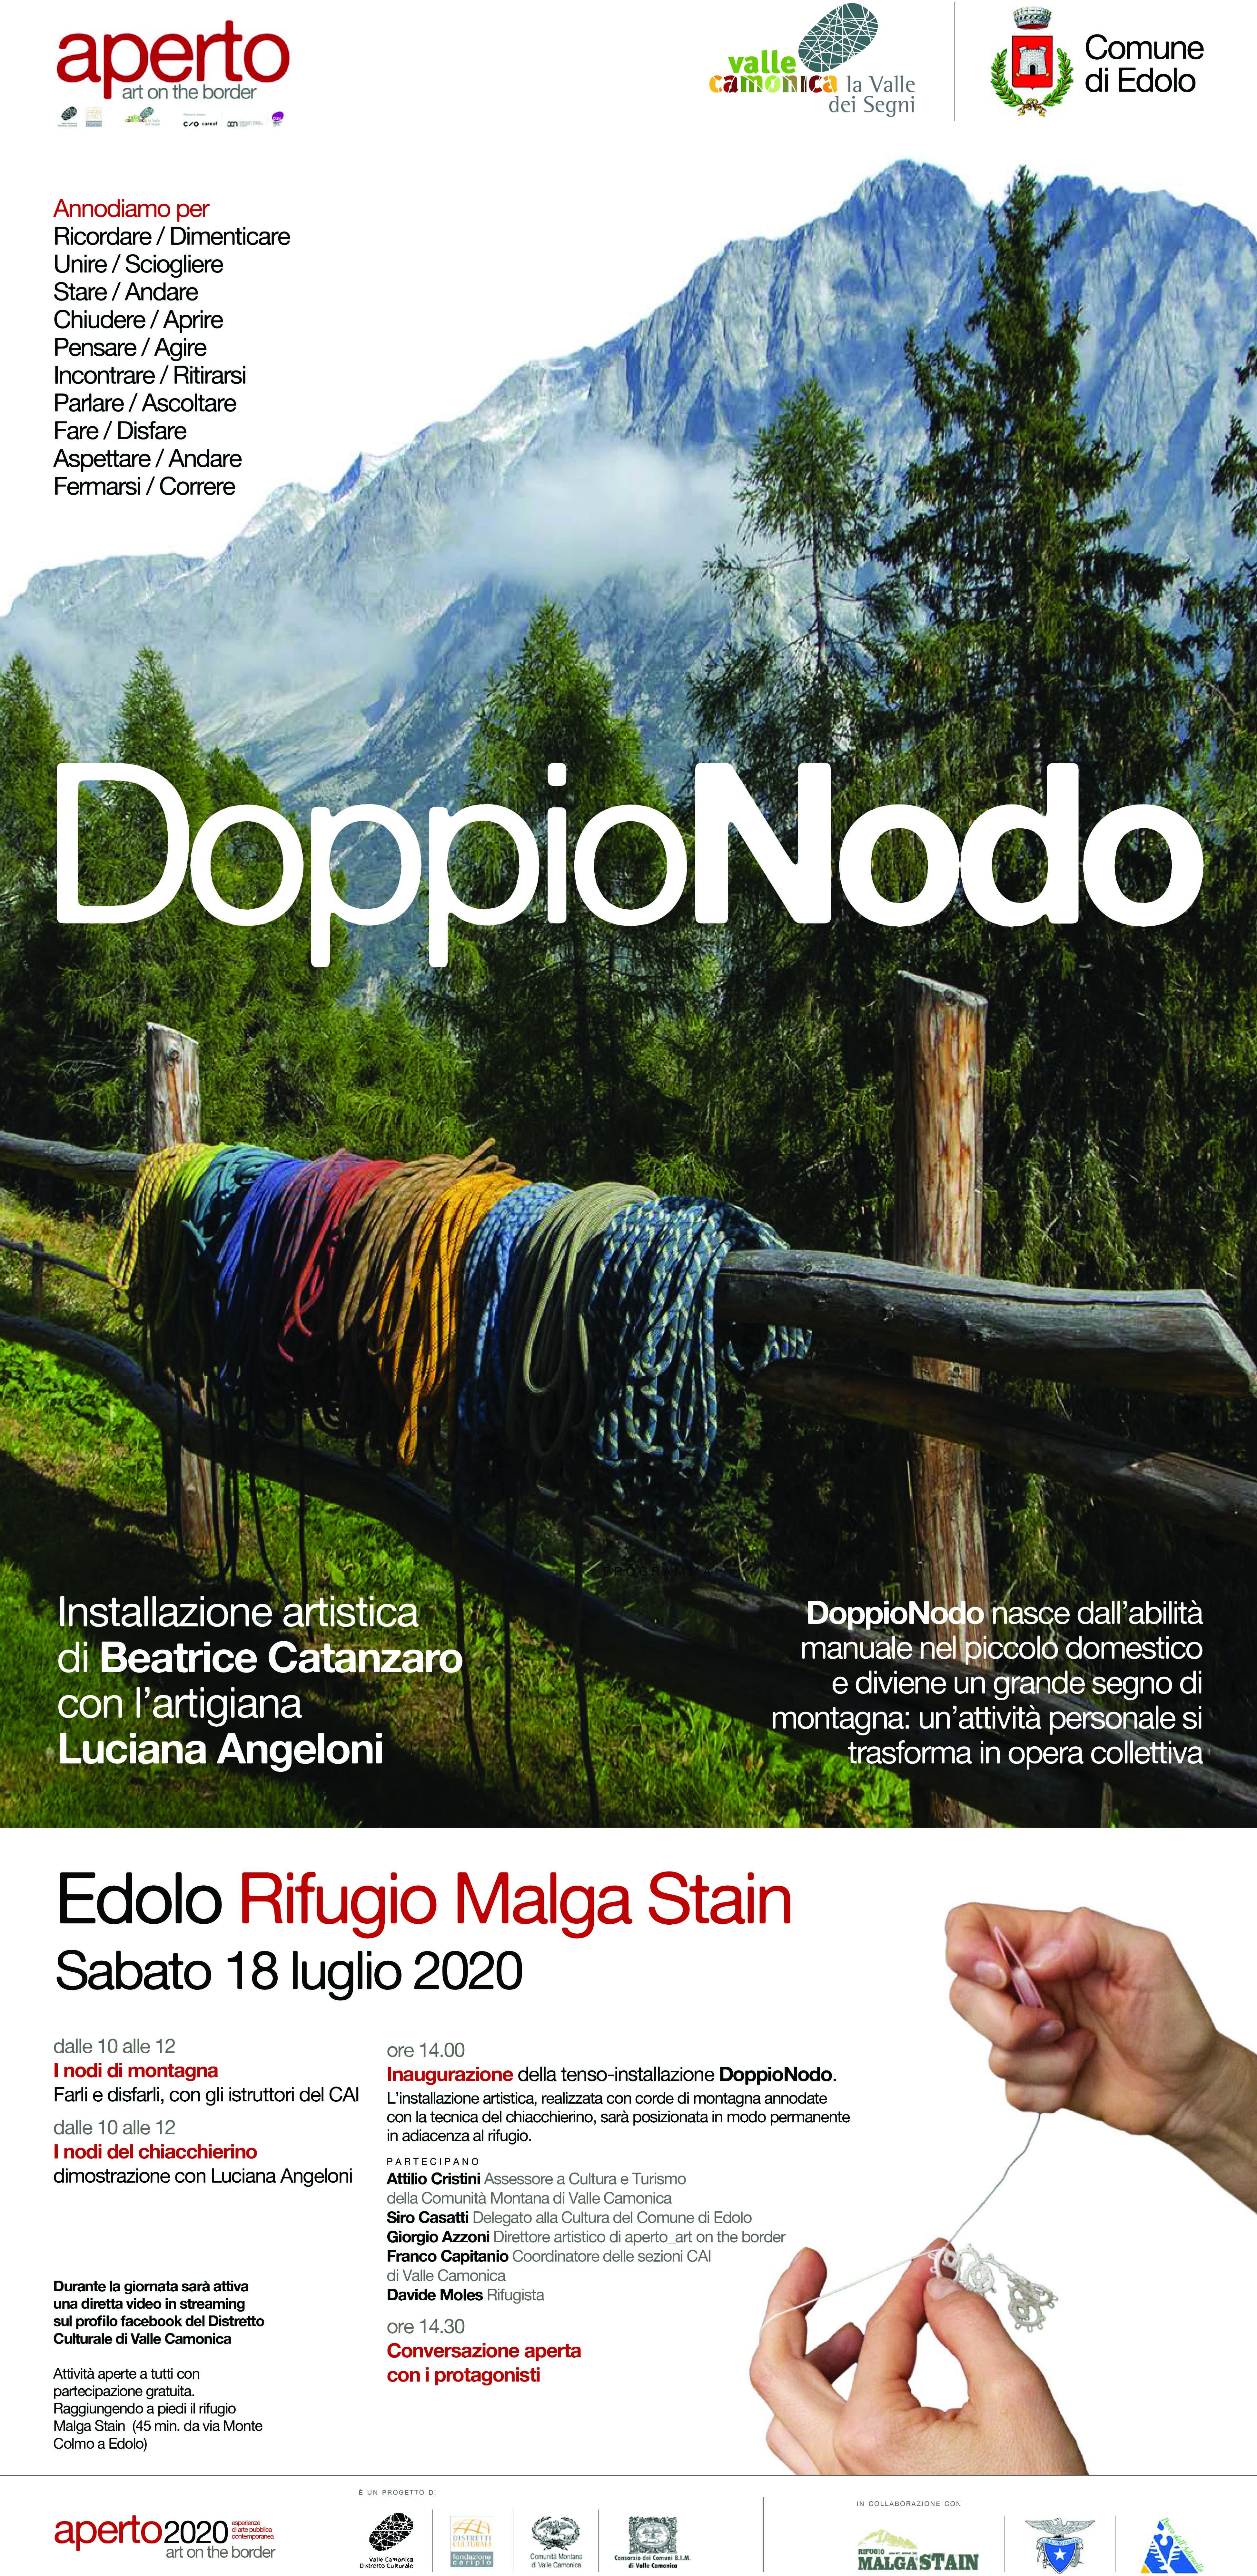 locandina doppionodo Beatrice Catanzaro, aperto 2020 valle camonica